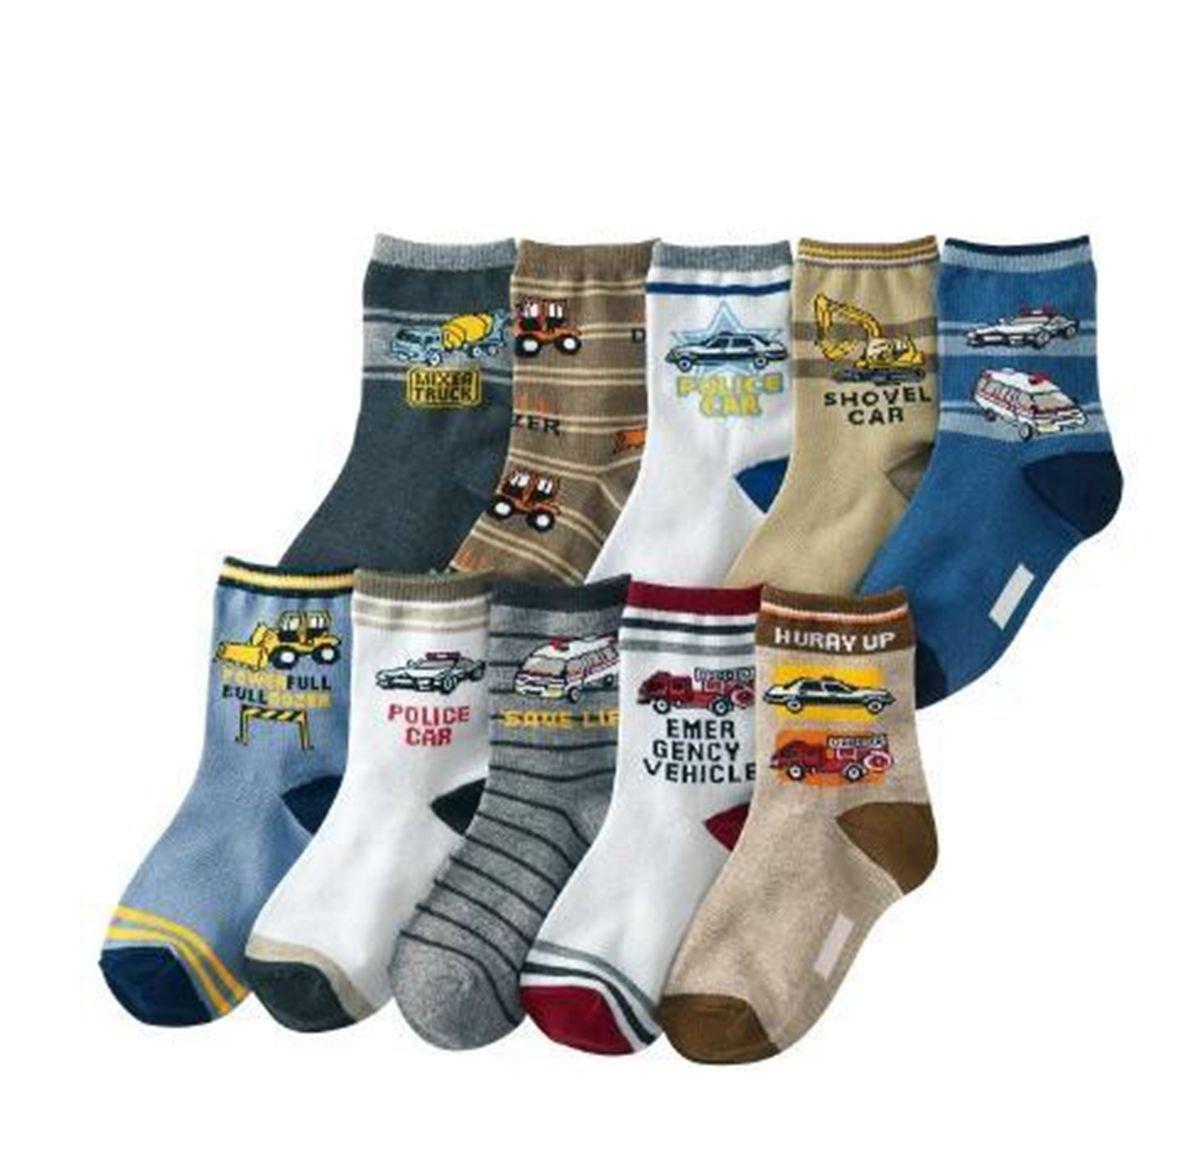 Boys Short Socks Fashion Cartoon Tanker Cotton Basic Crew Kids Socks 10 Pair Pack